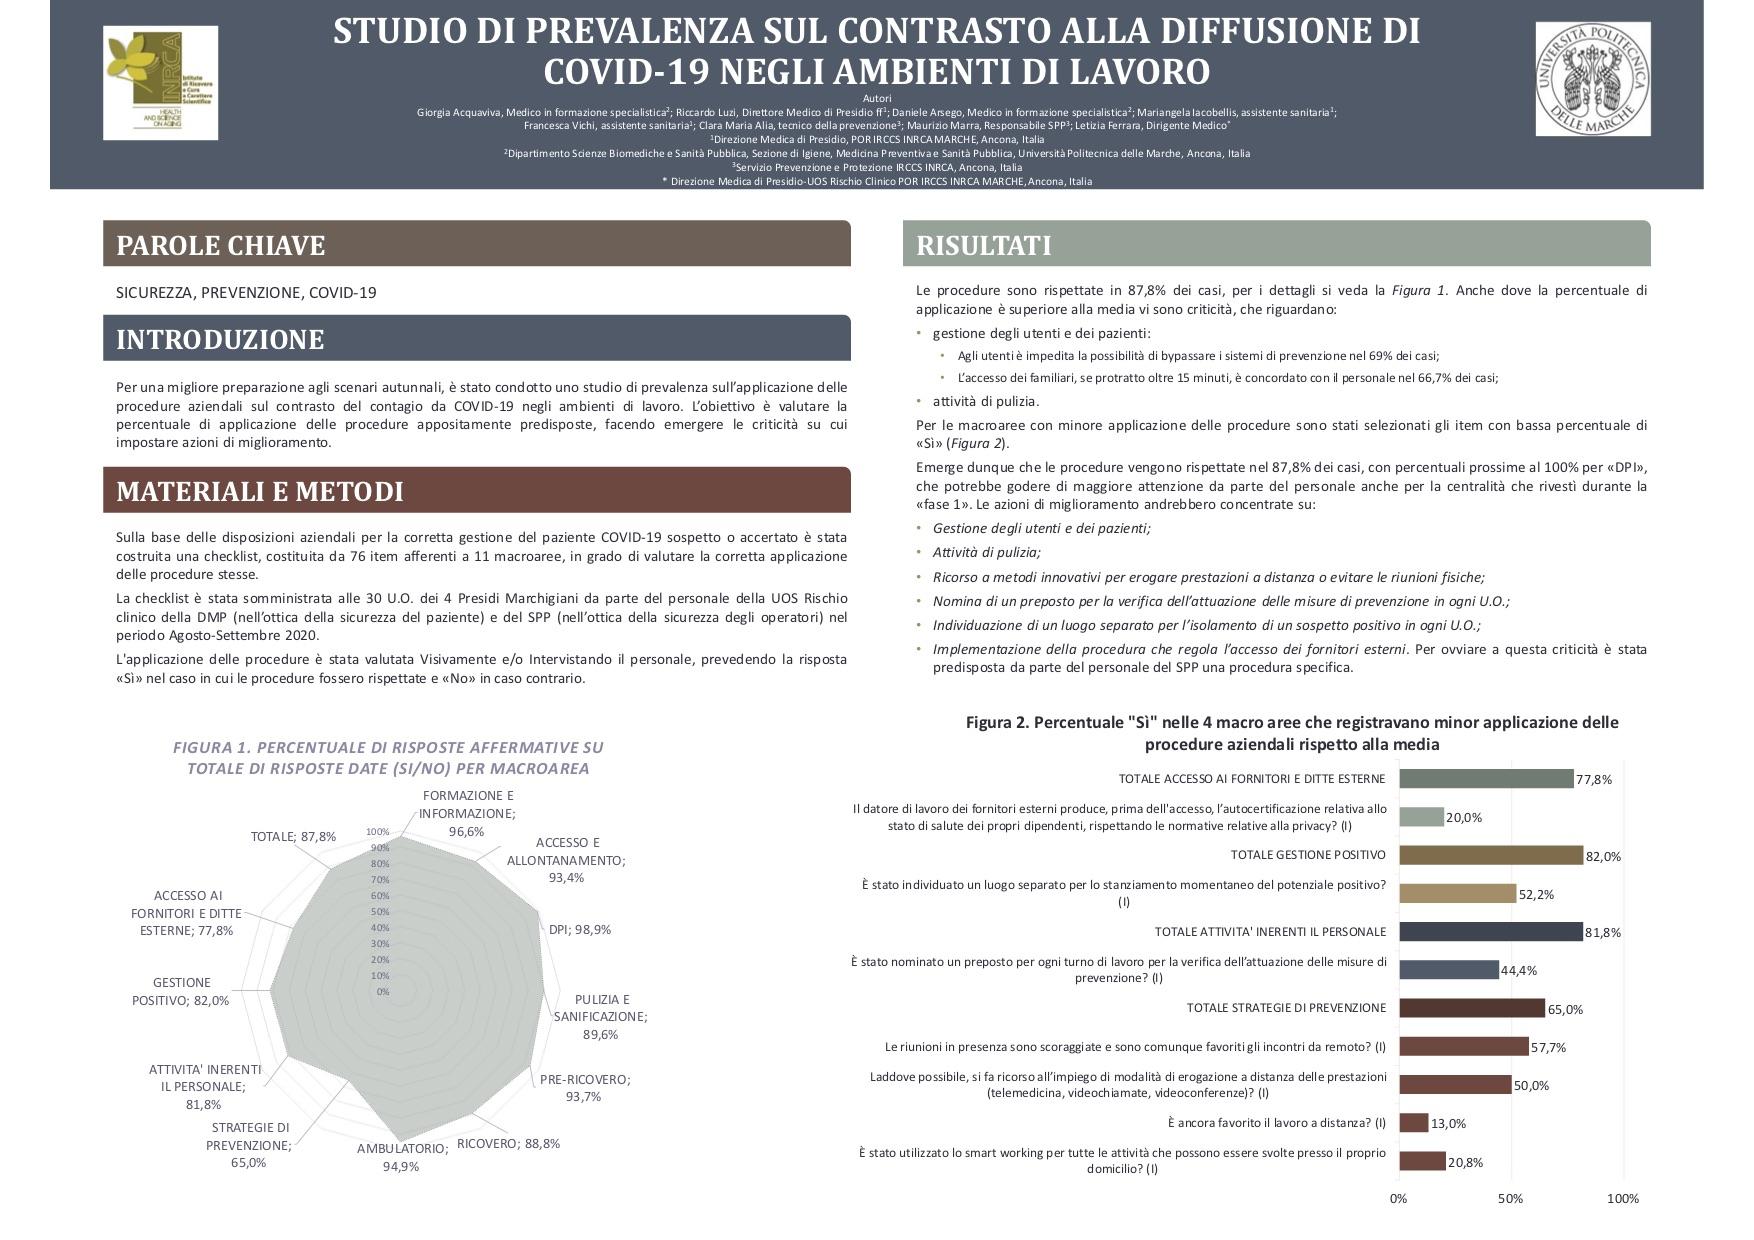 Acquaviva –  STUDIO DI PREVALENZA SUL CONTRASTO ALLA DIFFUSIONE DI COVID-19 NEGLI AMBIENTI DI LAVORO